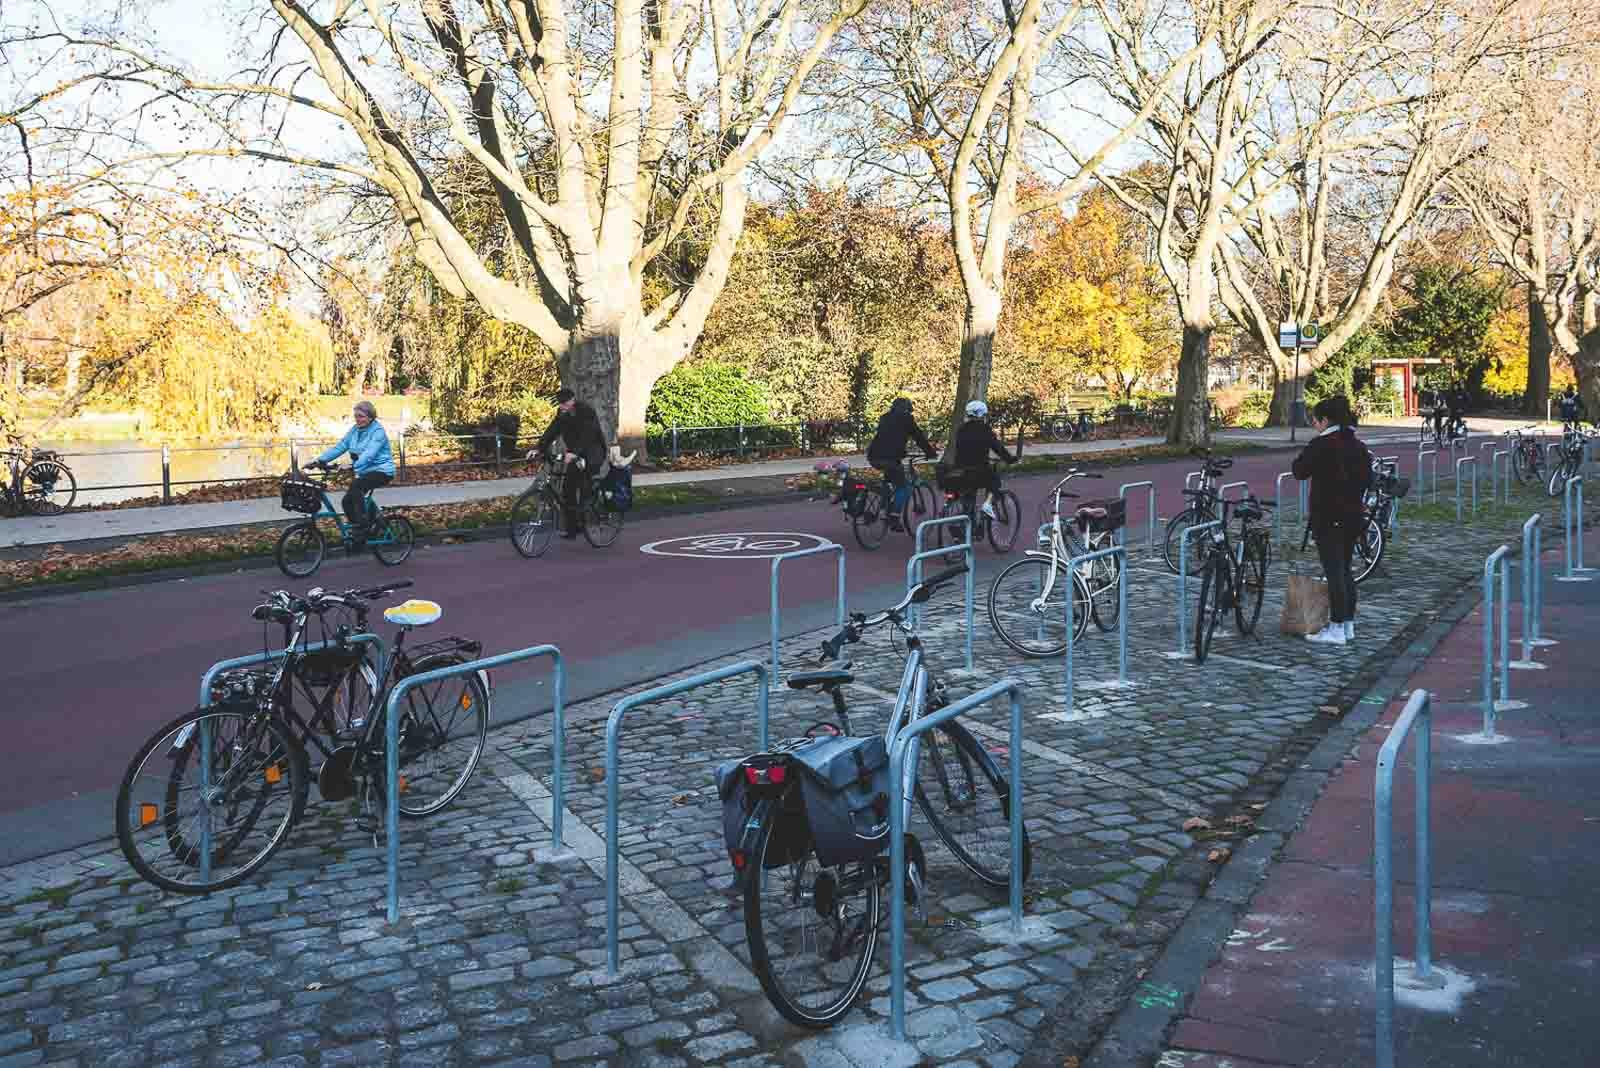 An der Fahrradstraße Bismarckallee haben die baulichen Veränderungen deutliche Verbesserungen für Radfahrende bewirkt. Auch der Gehweg ist breiter und komfortabler geworden.